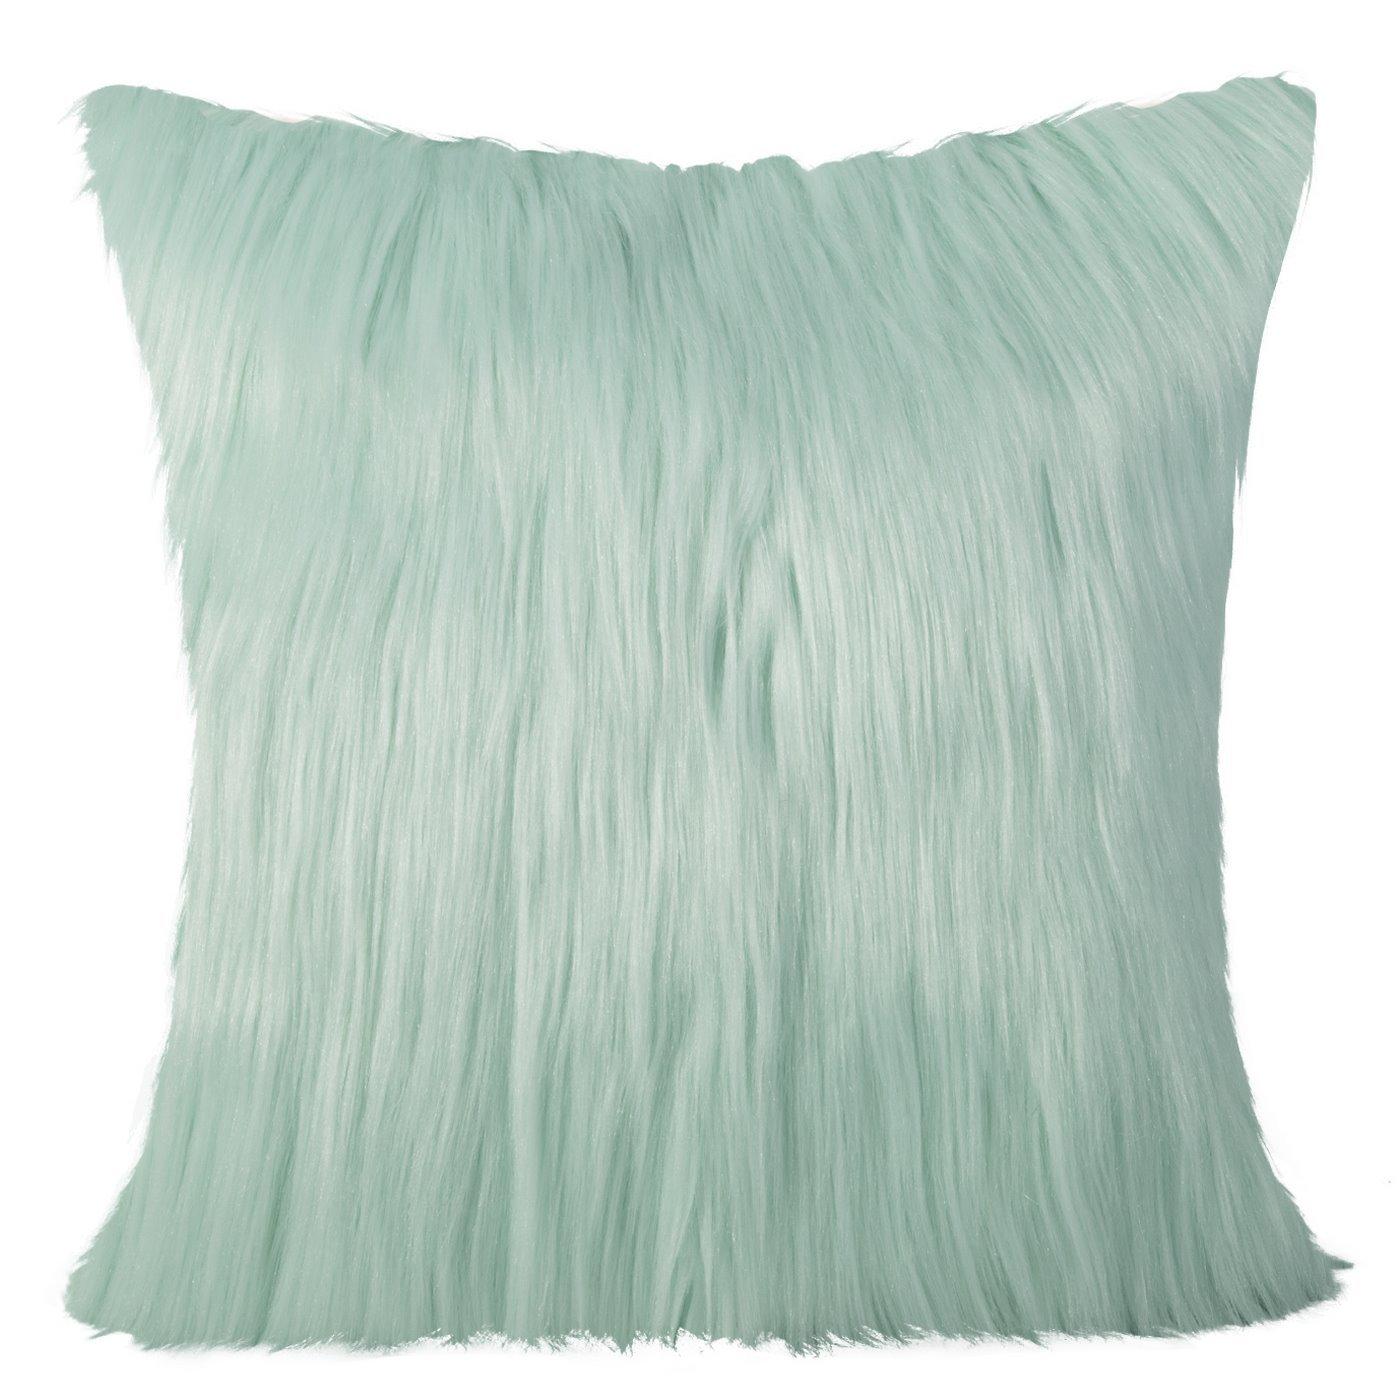 Poszewka na poduszkę miętowa długi włos 55 x 55 cm